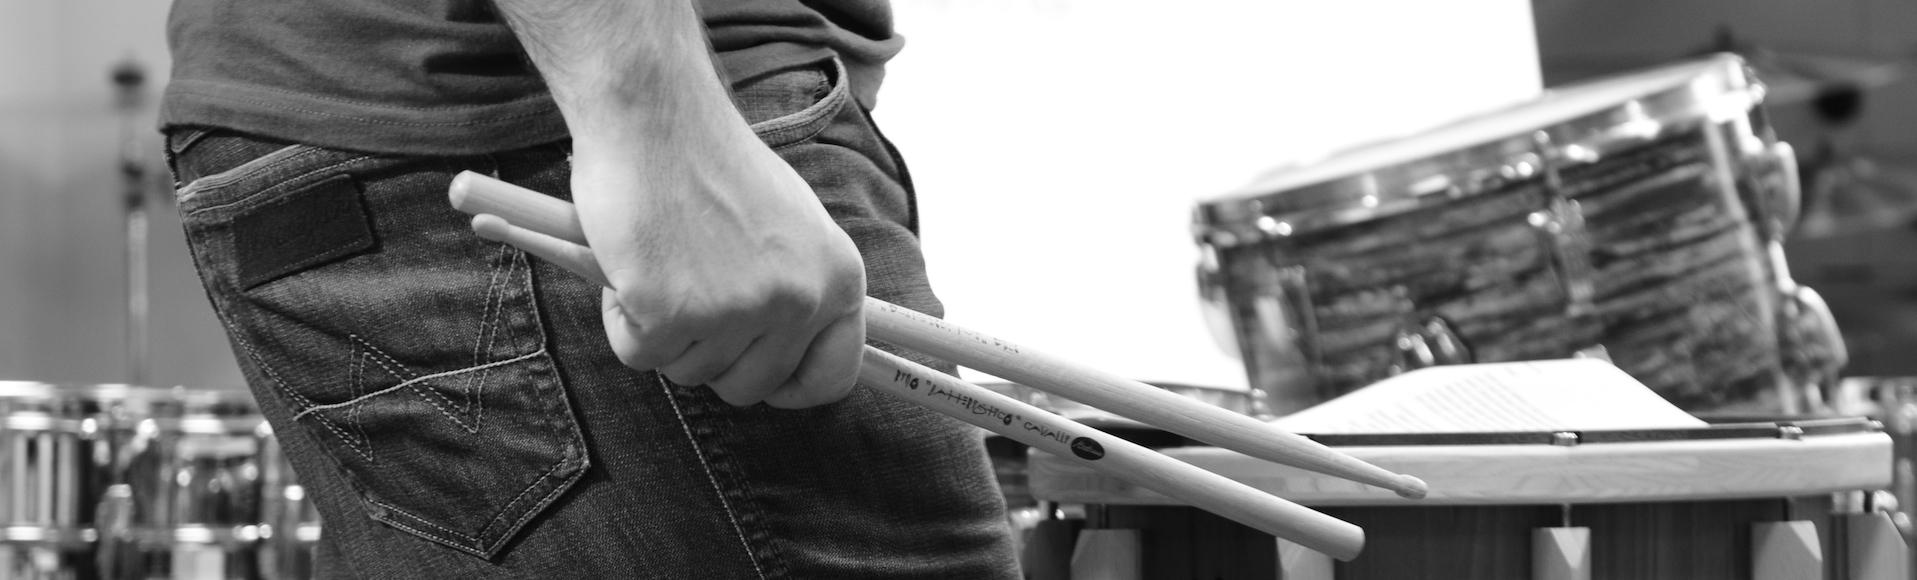 Find Your Drum Sound